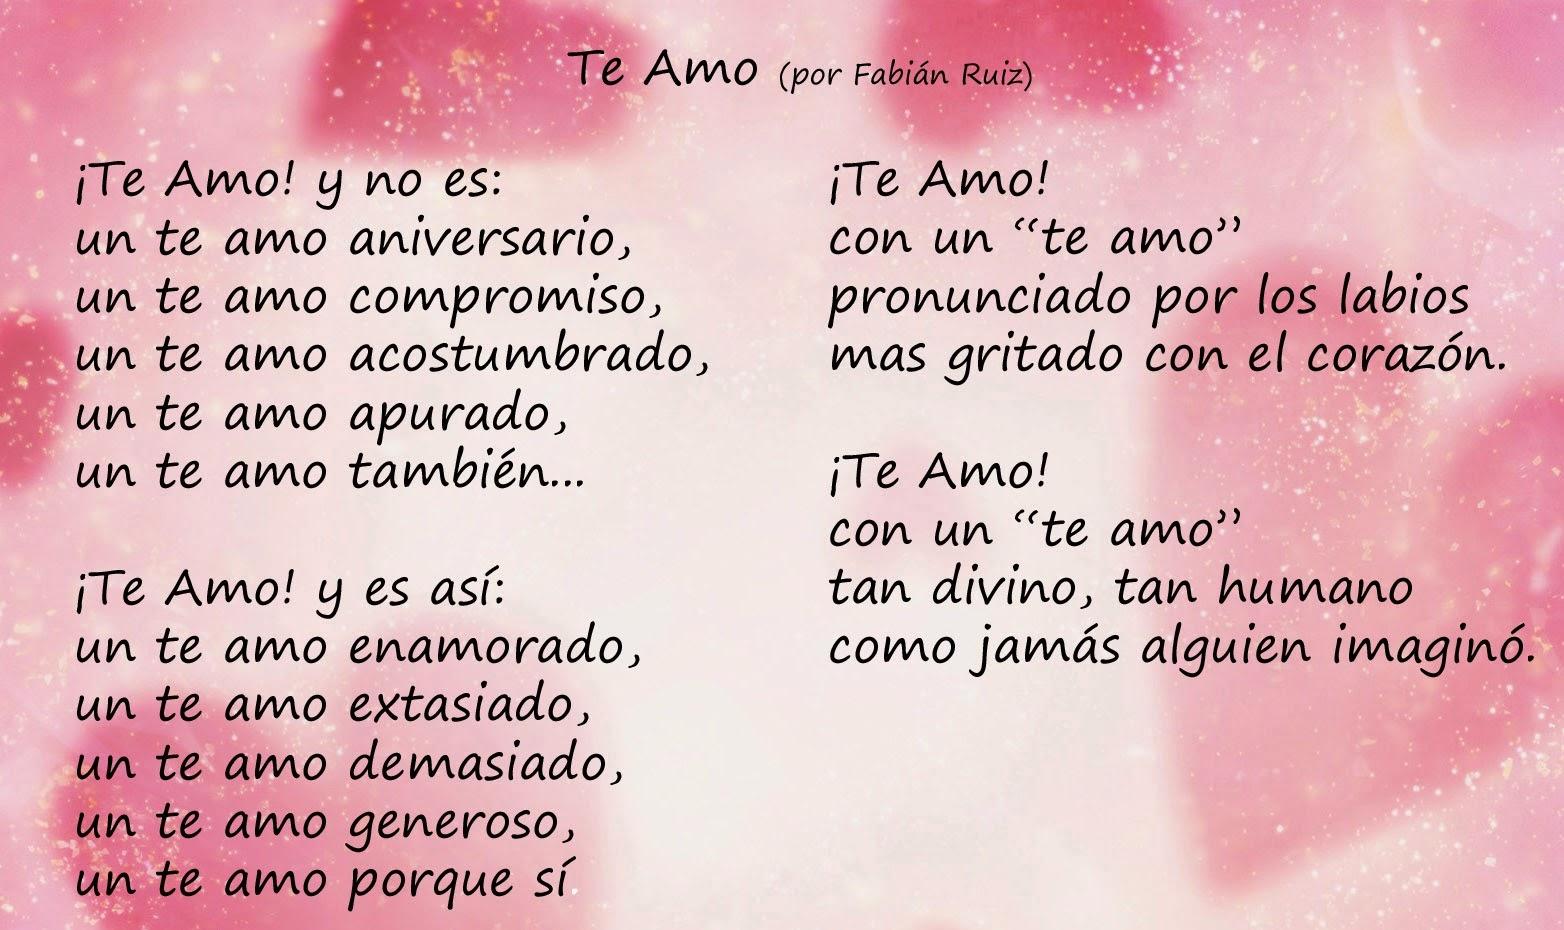 Cartas De Amor Con Imagenes: Cartas Romanticas De Amor-romanticos Poemas De Amor Con